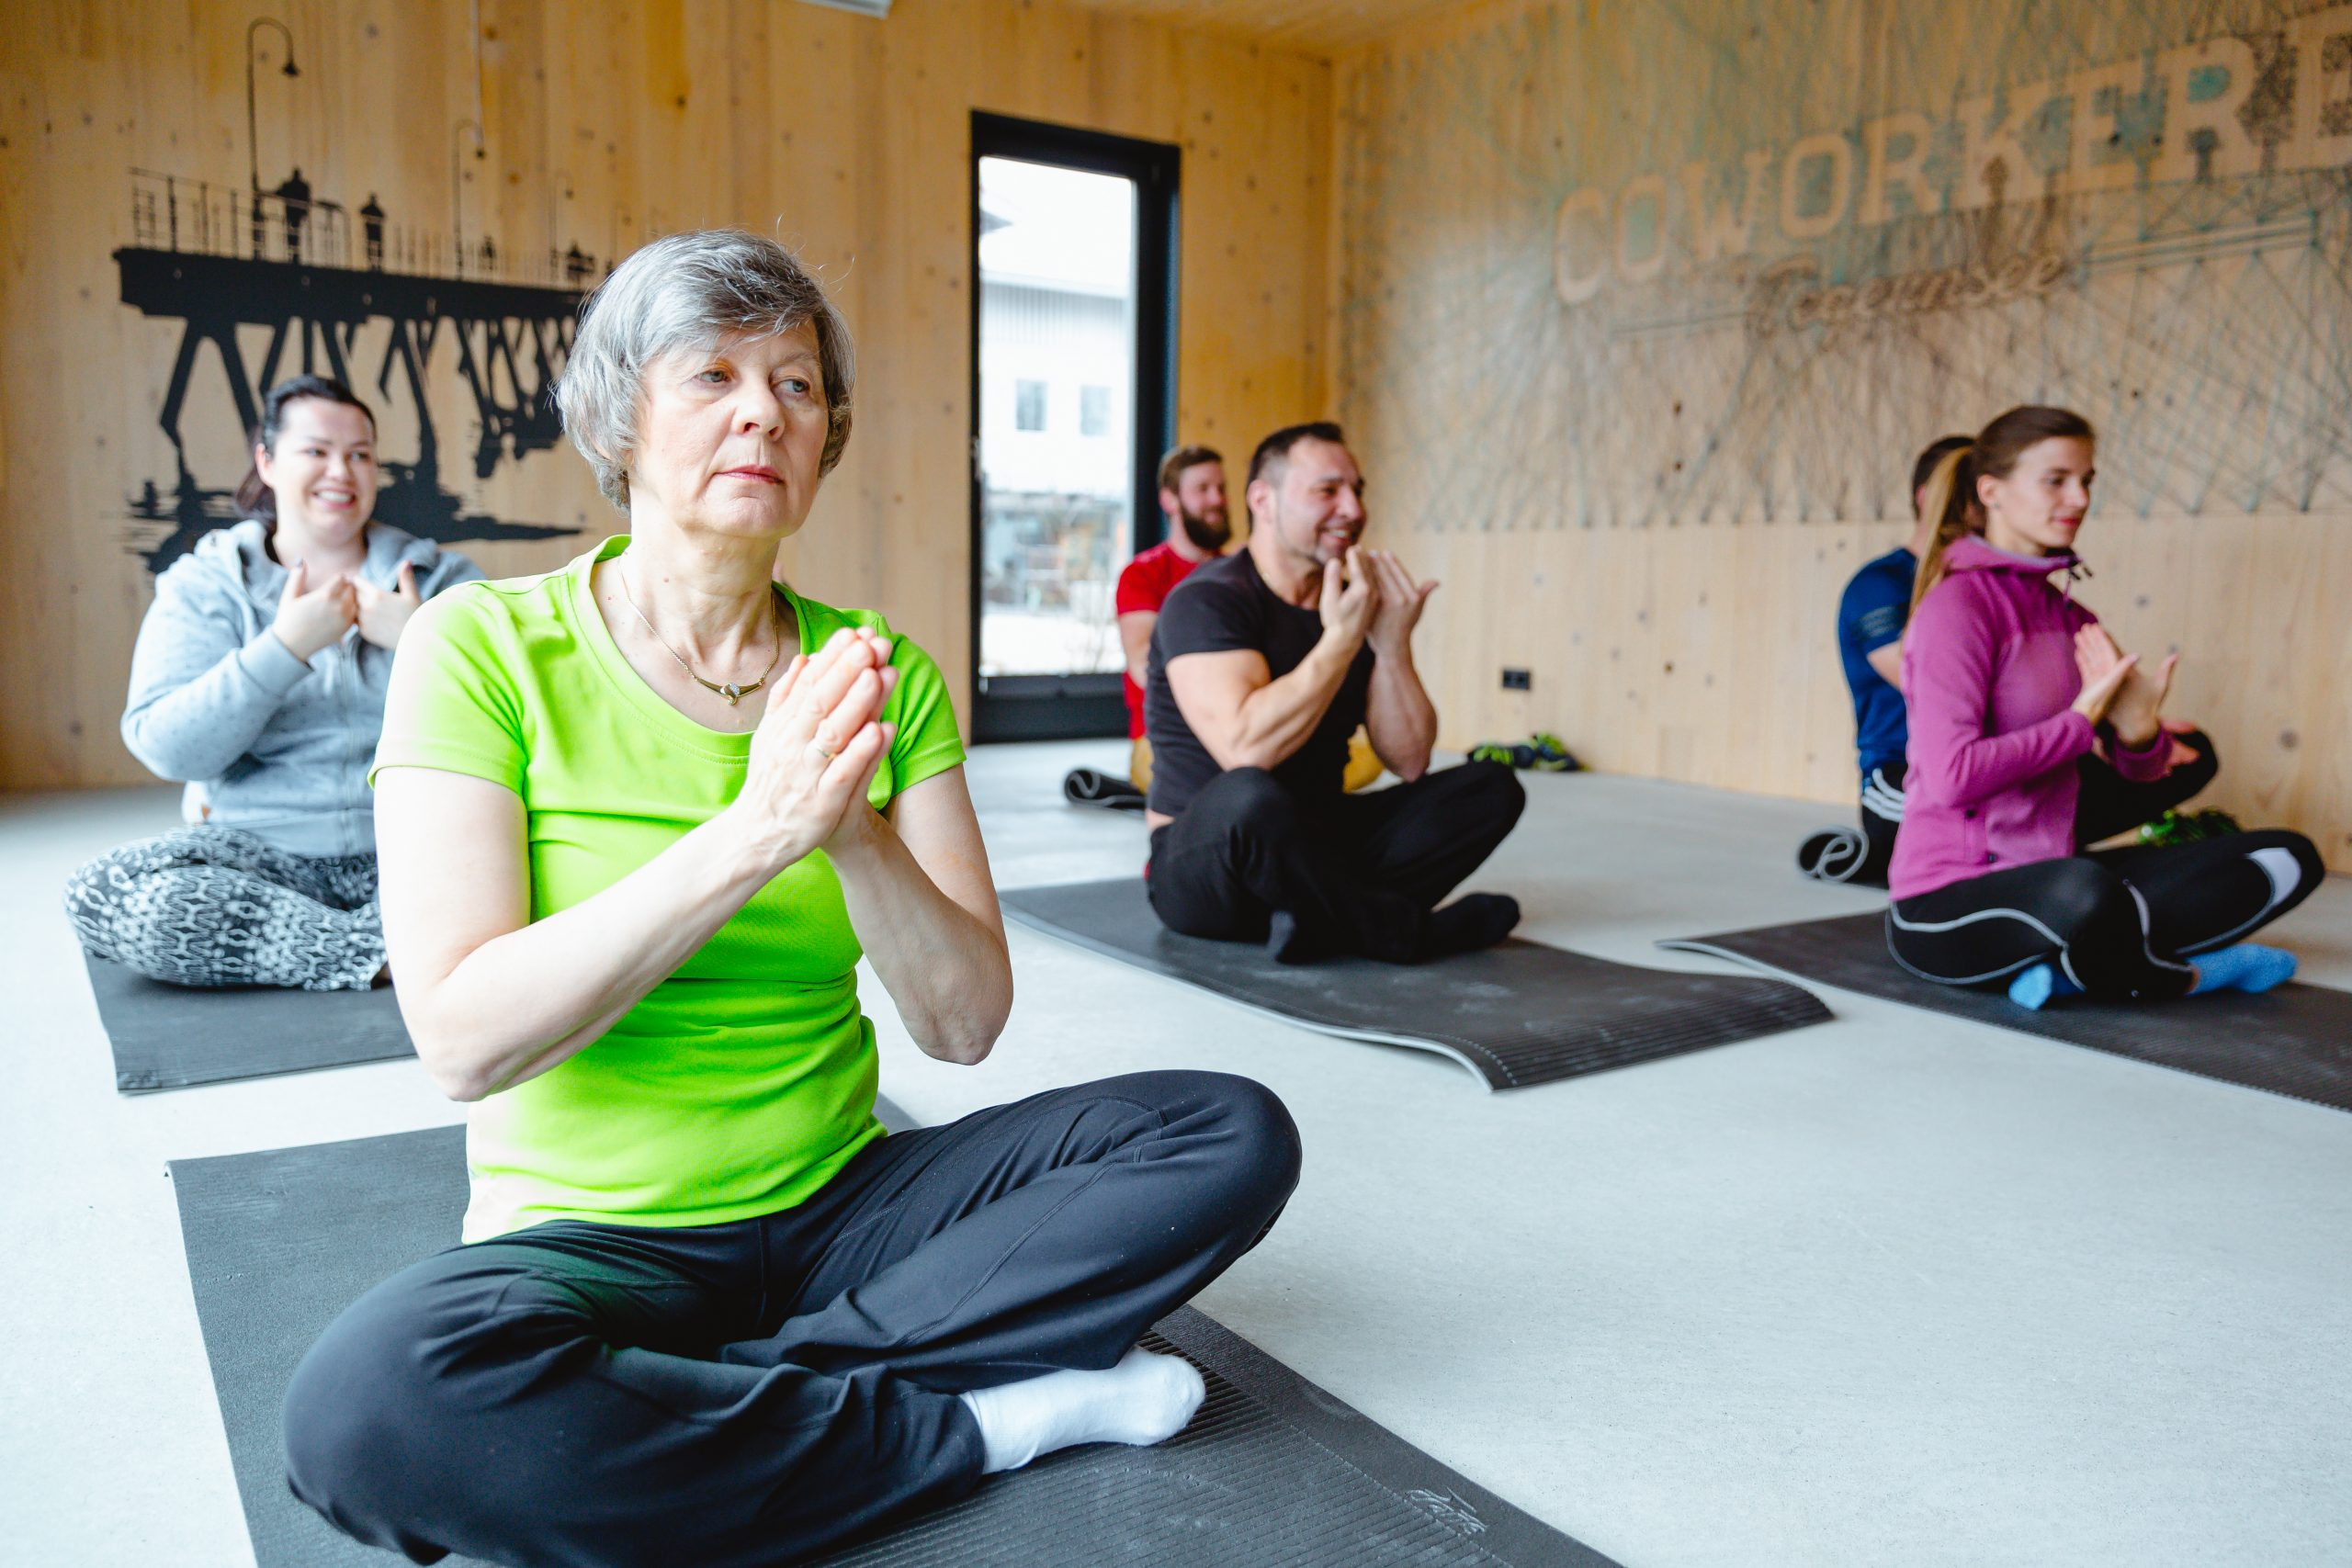 Menschen im Schneidersitz gemeinsam in einem Raum beim Yoga